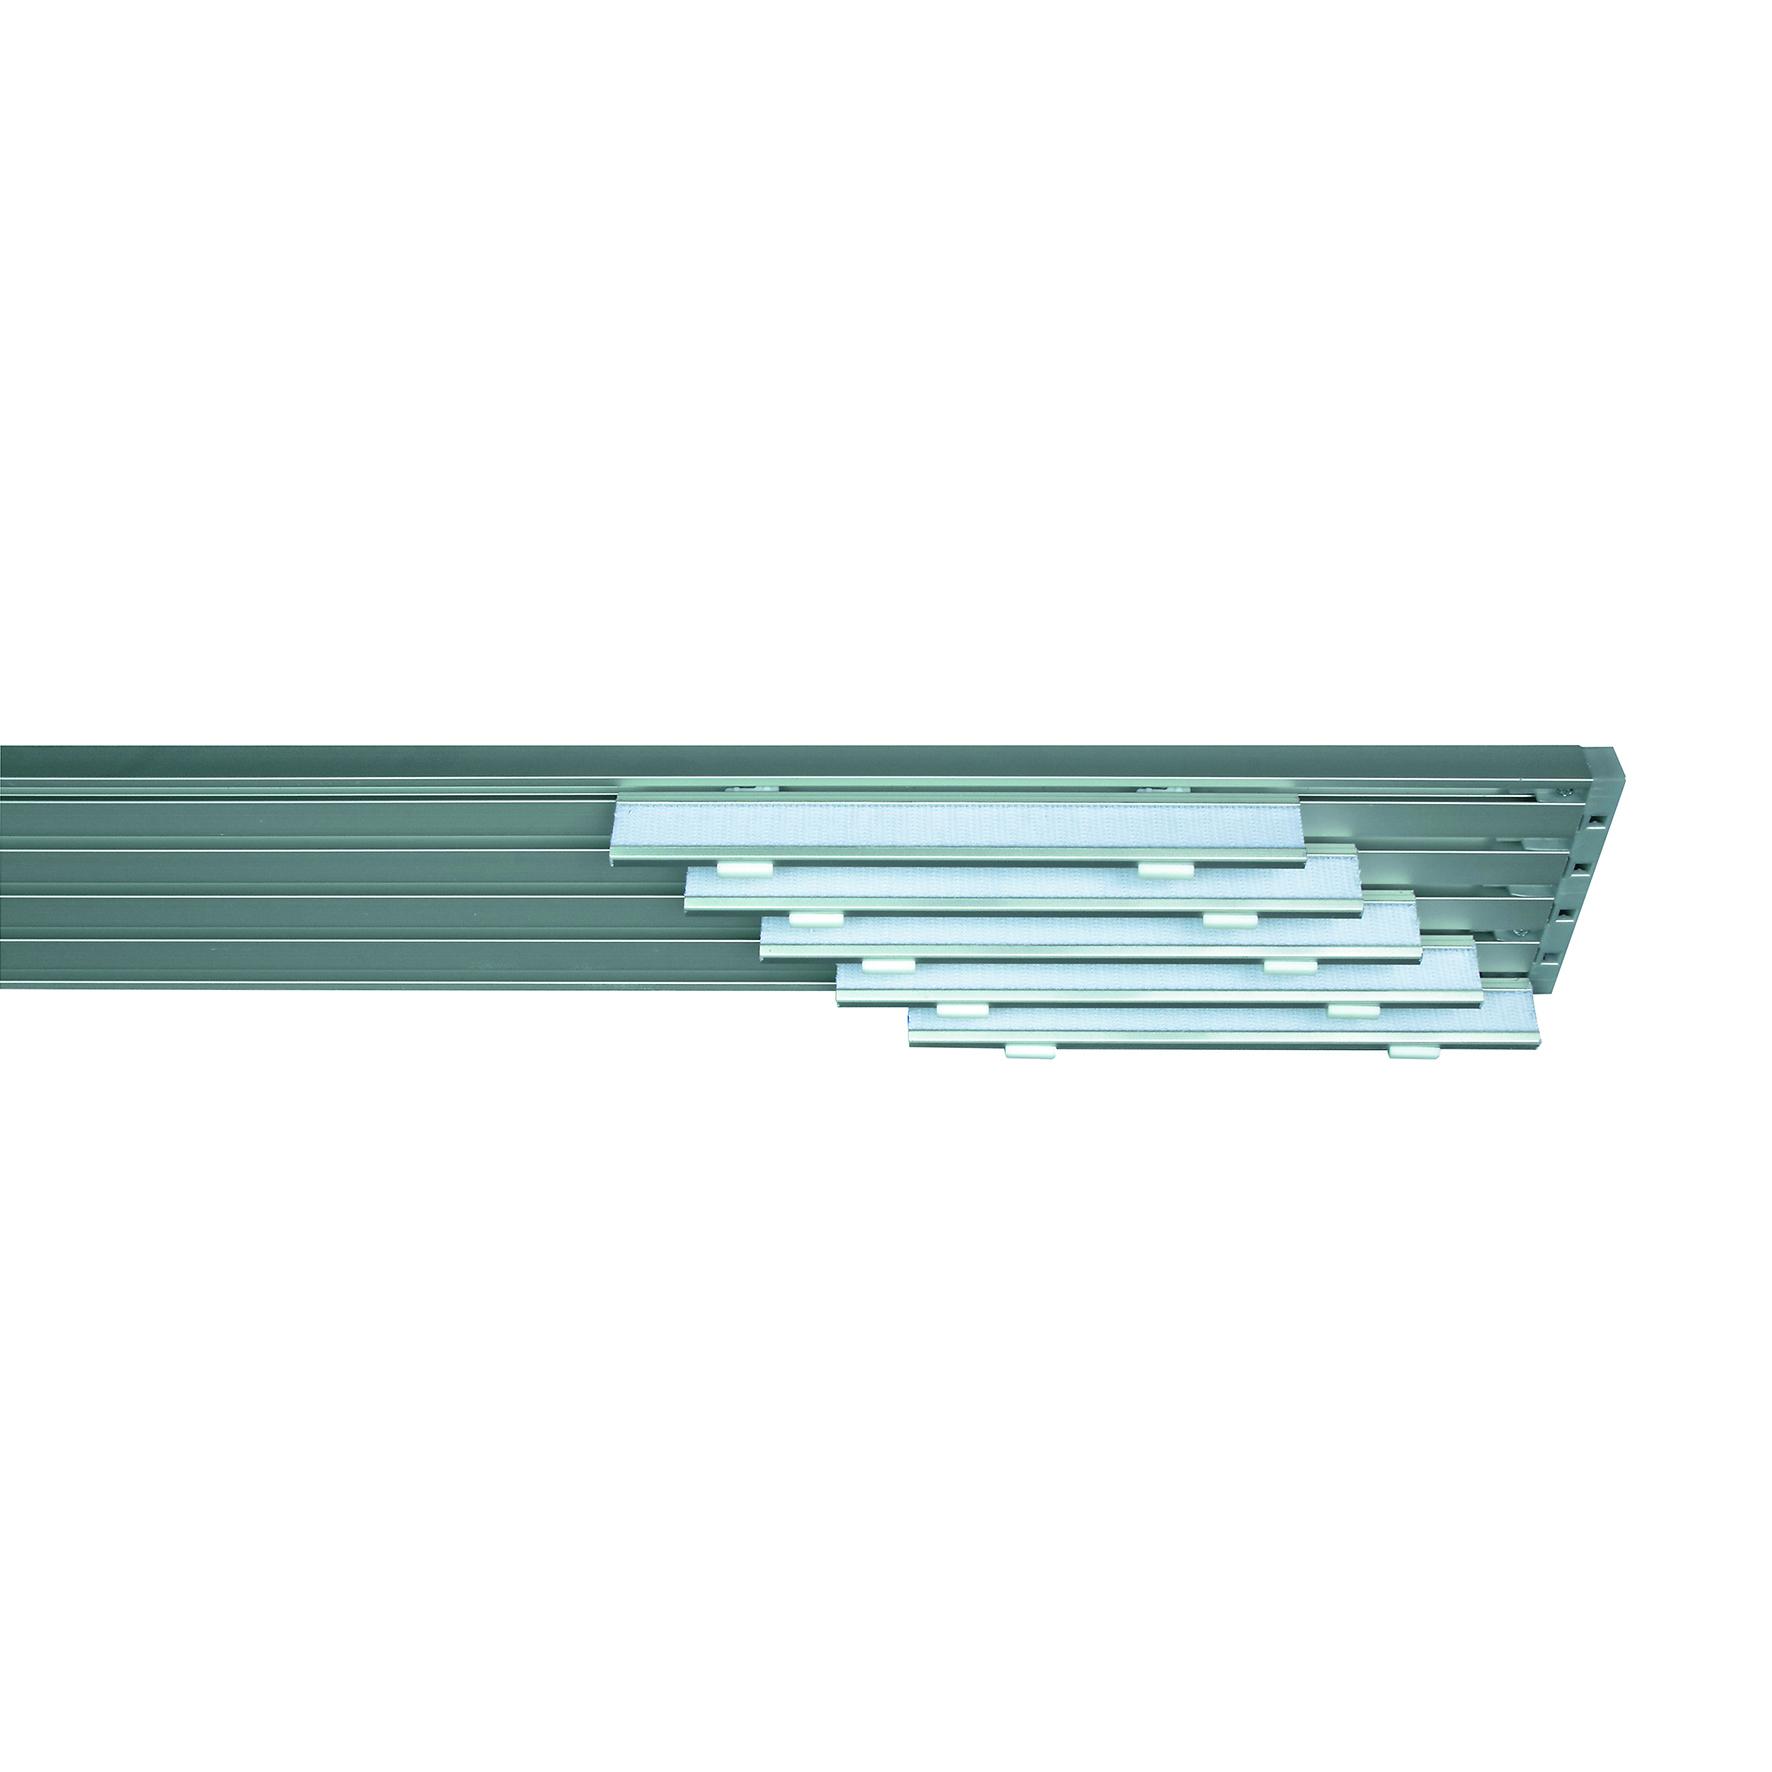 Le tende a pannello sono la giusta scelta per una casa dallo stile innovativo. Binario Per Pannello Giapponese Singolo 5 Vie Cruiser Alluminio 280 Cm Grigio Leroy Merlin